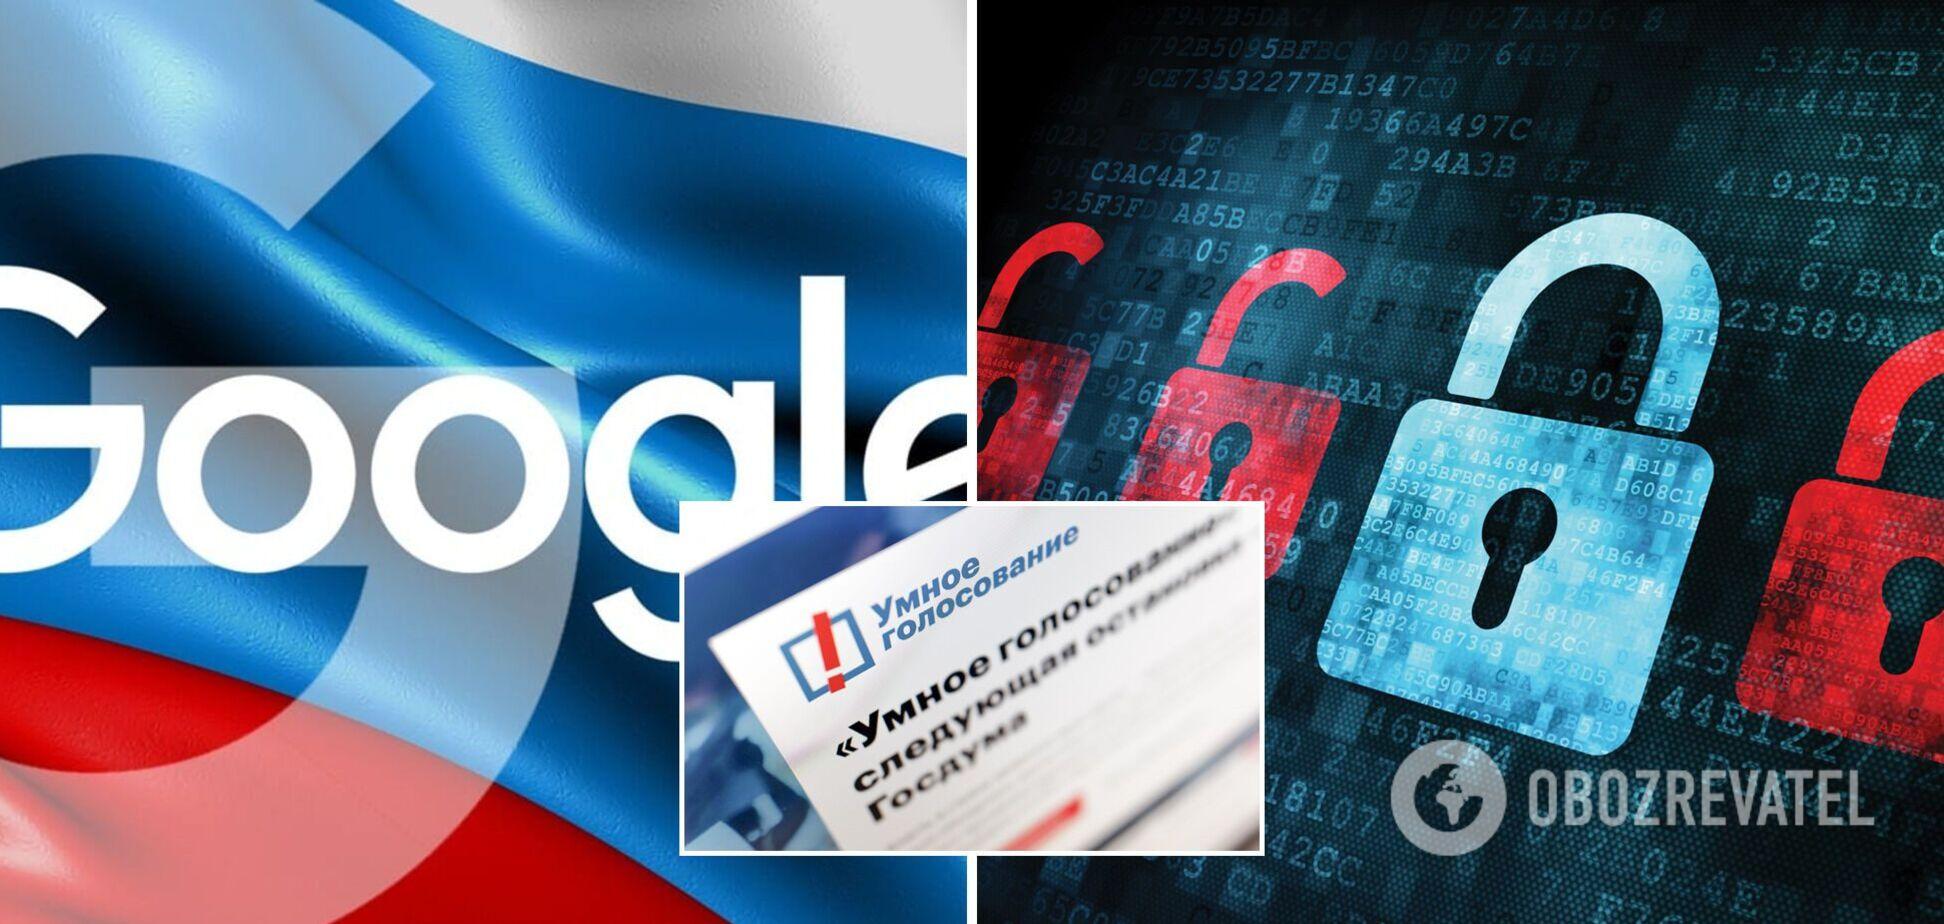 В России начали блокировать Google Docs: СМИ назвали вероятную причину